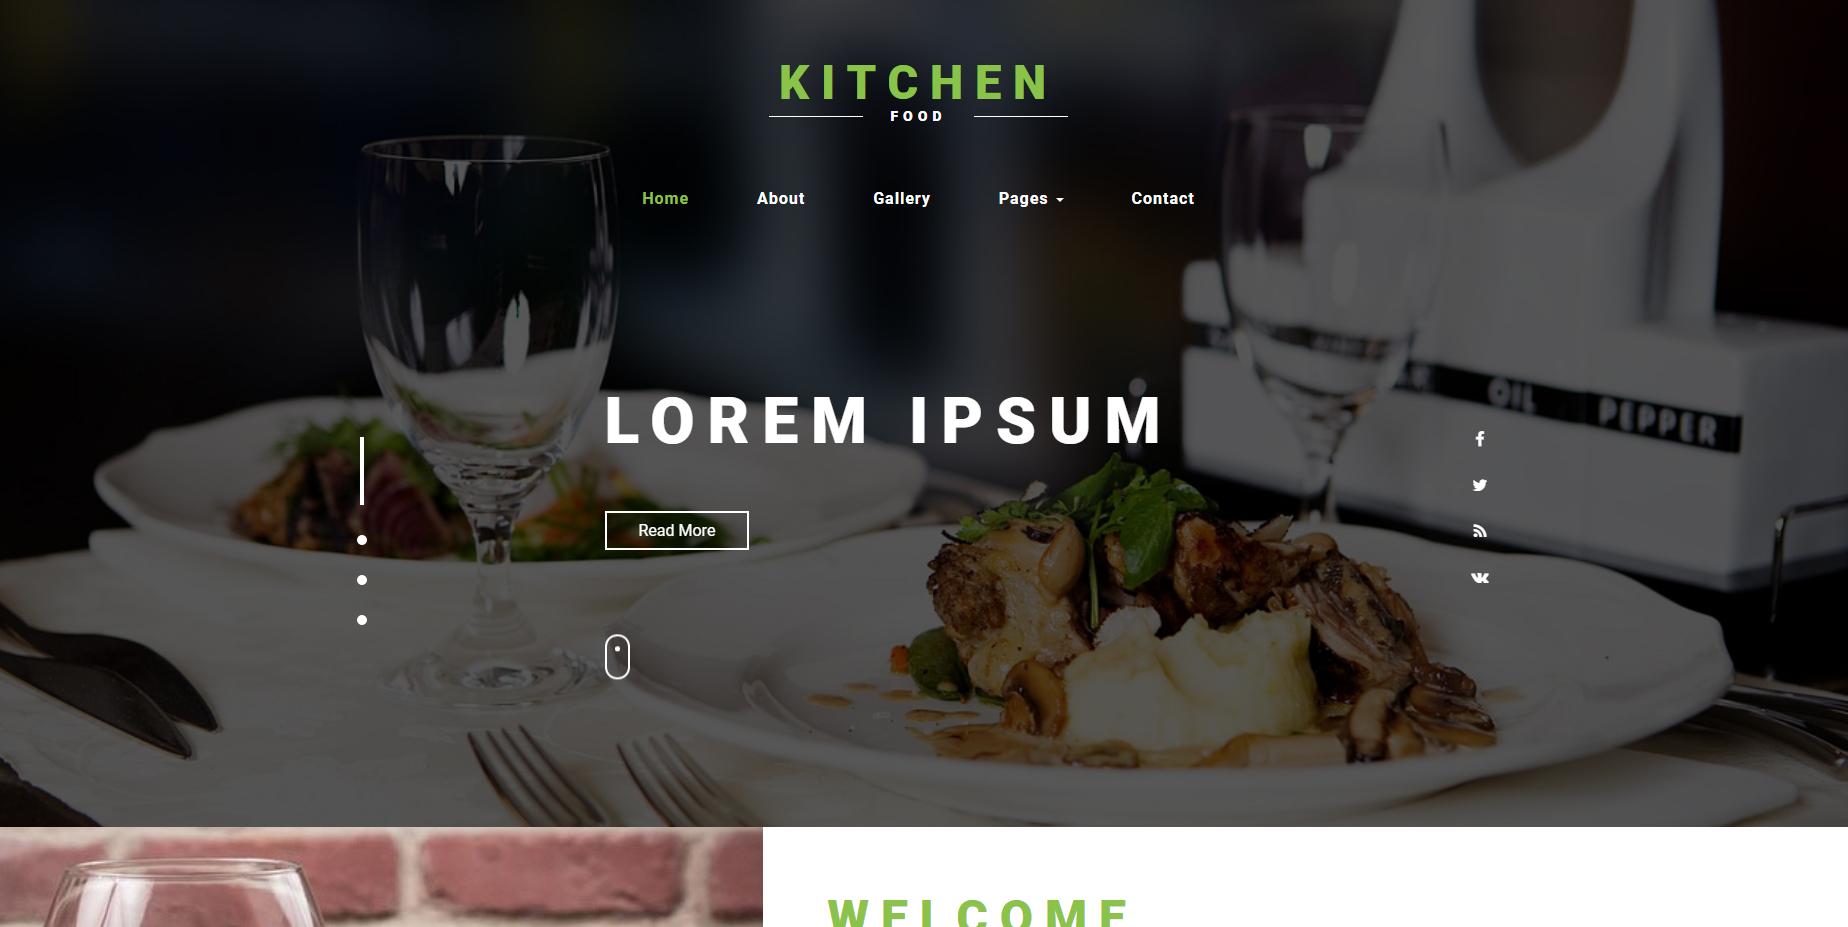 宽屏美食行业的网站模板